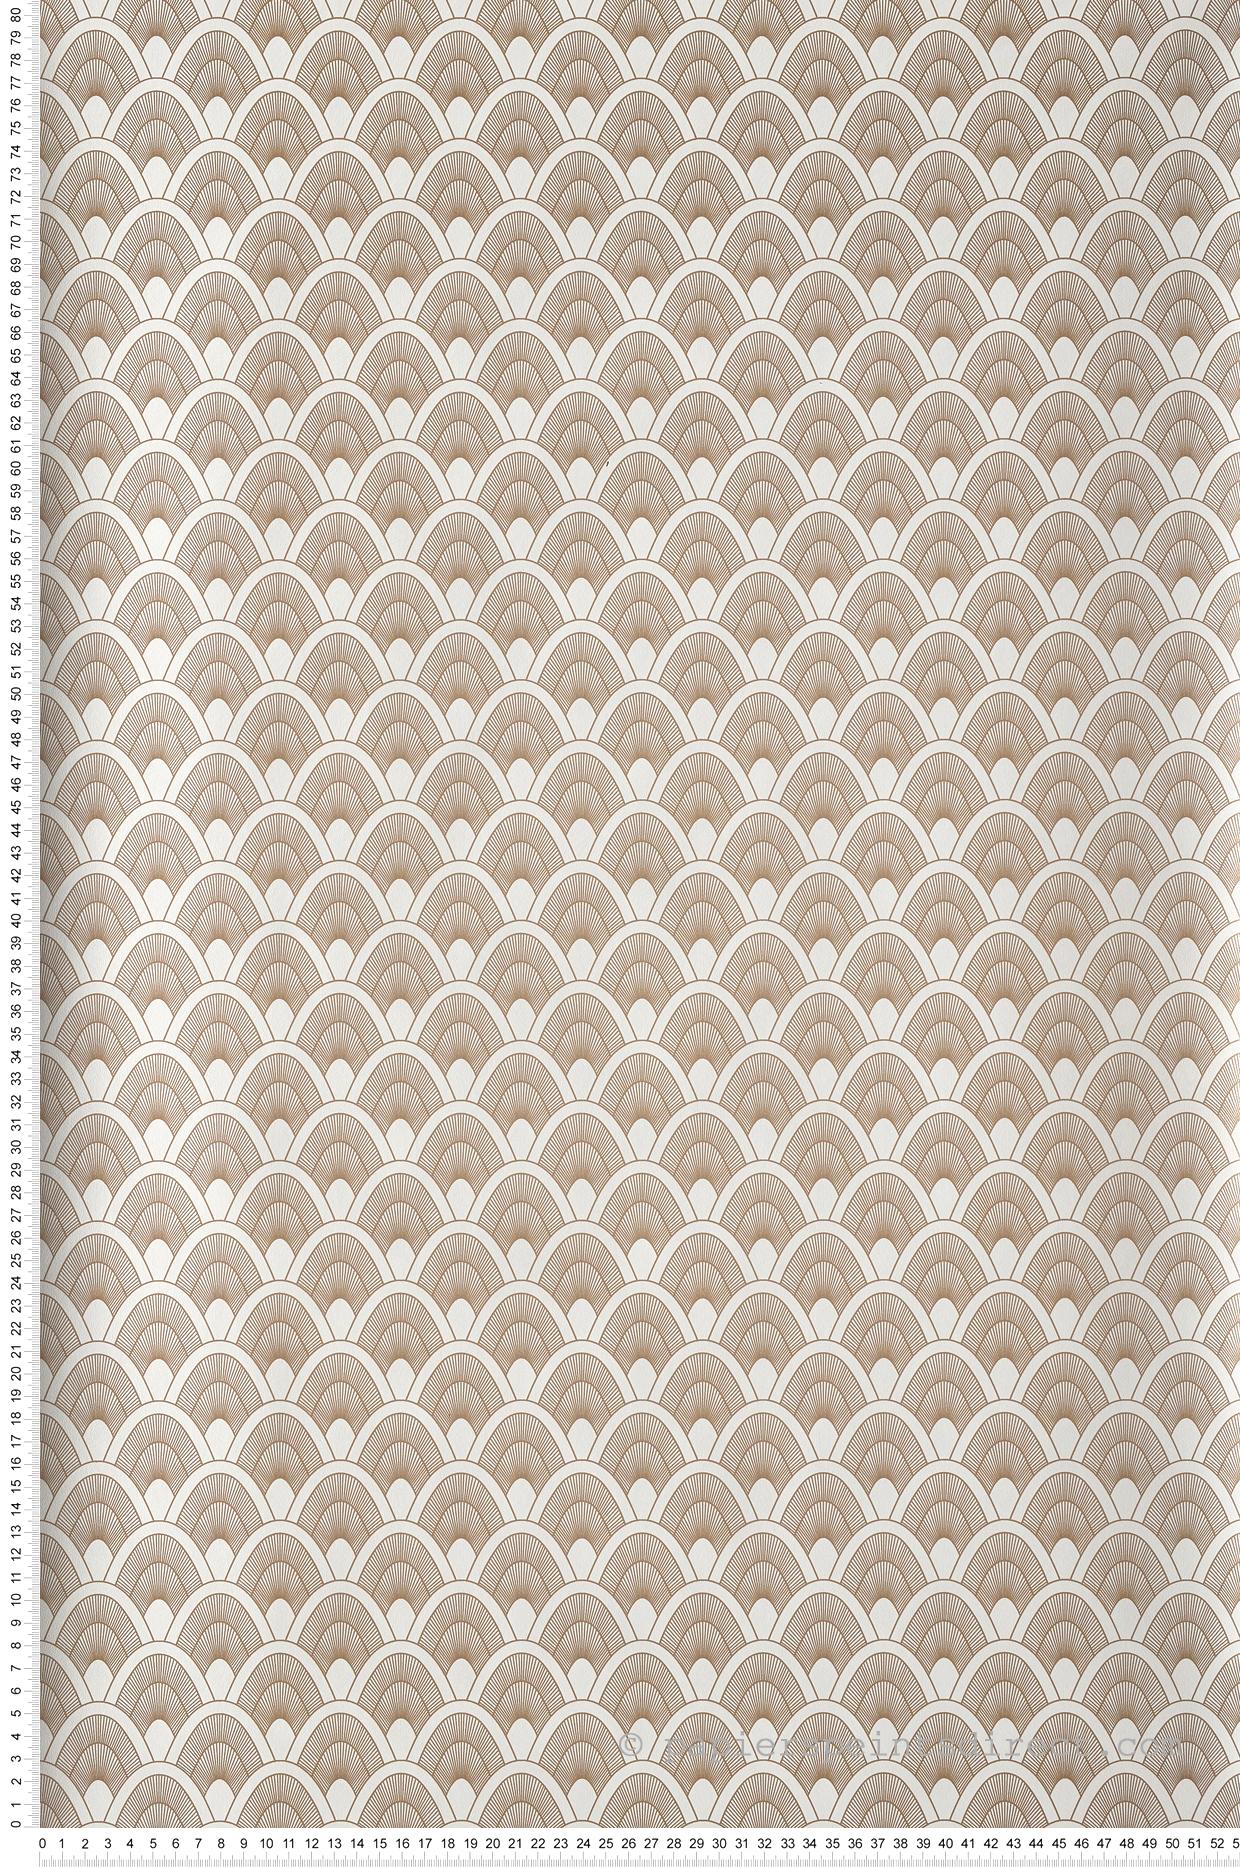 Papier Peint Art Deco Blanc papier peint graphique art déco mayotte blanc/doré - l